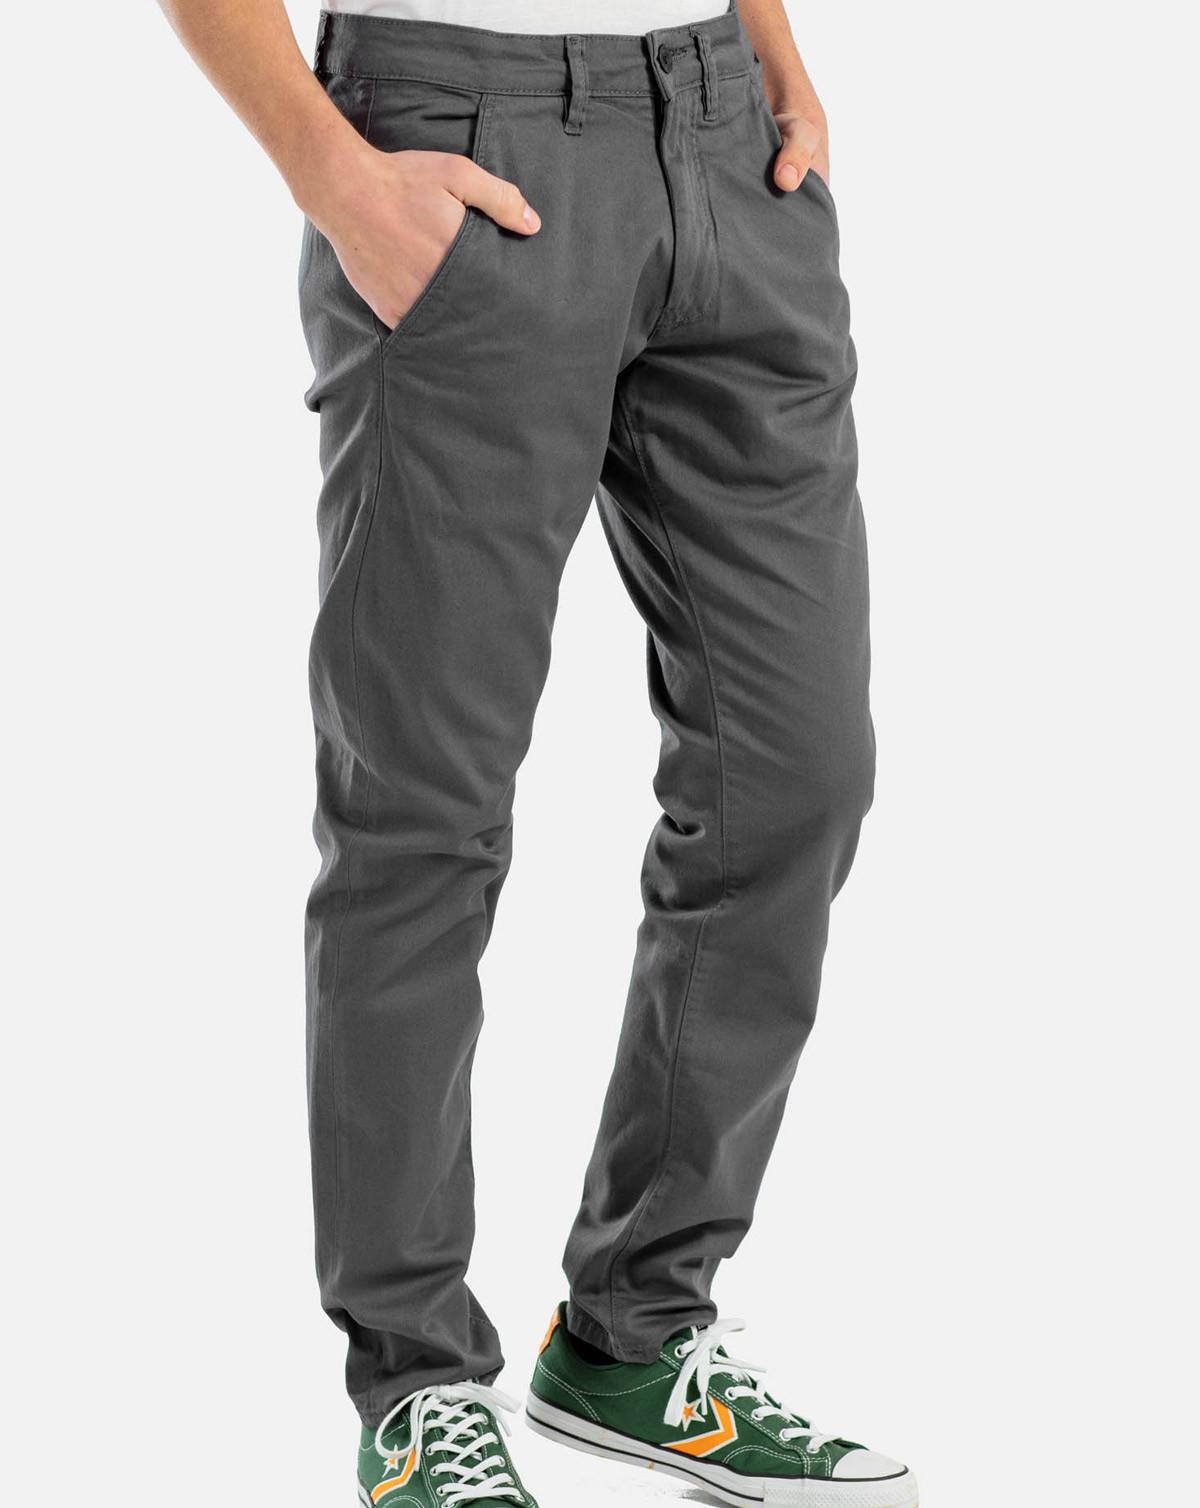 Reell Flex Tapered Chino (Dark Grey, W40 / L34)